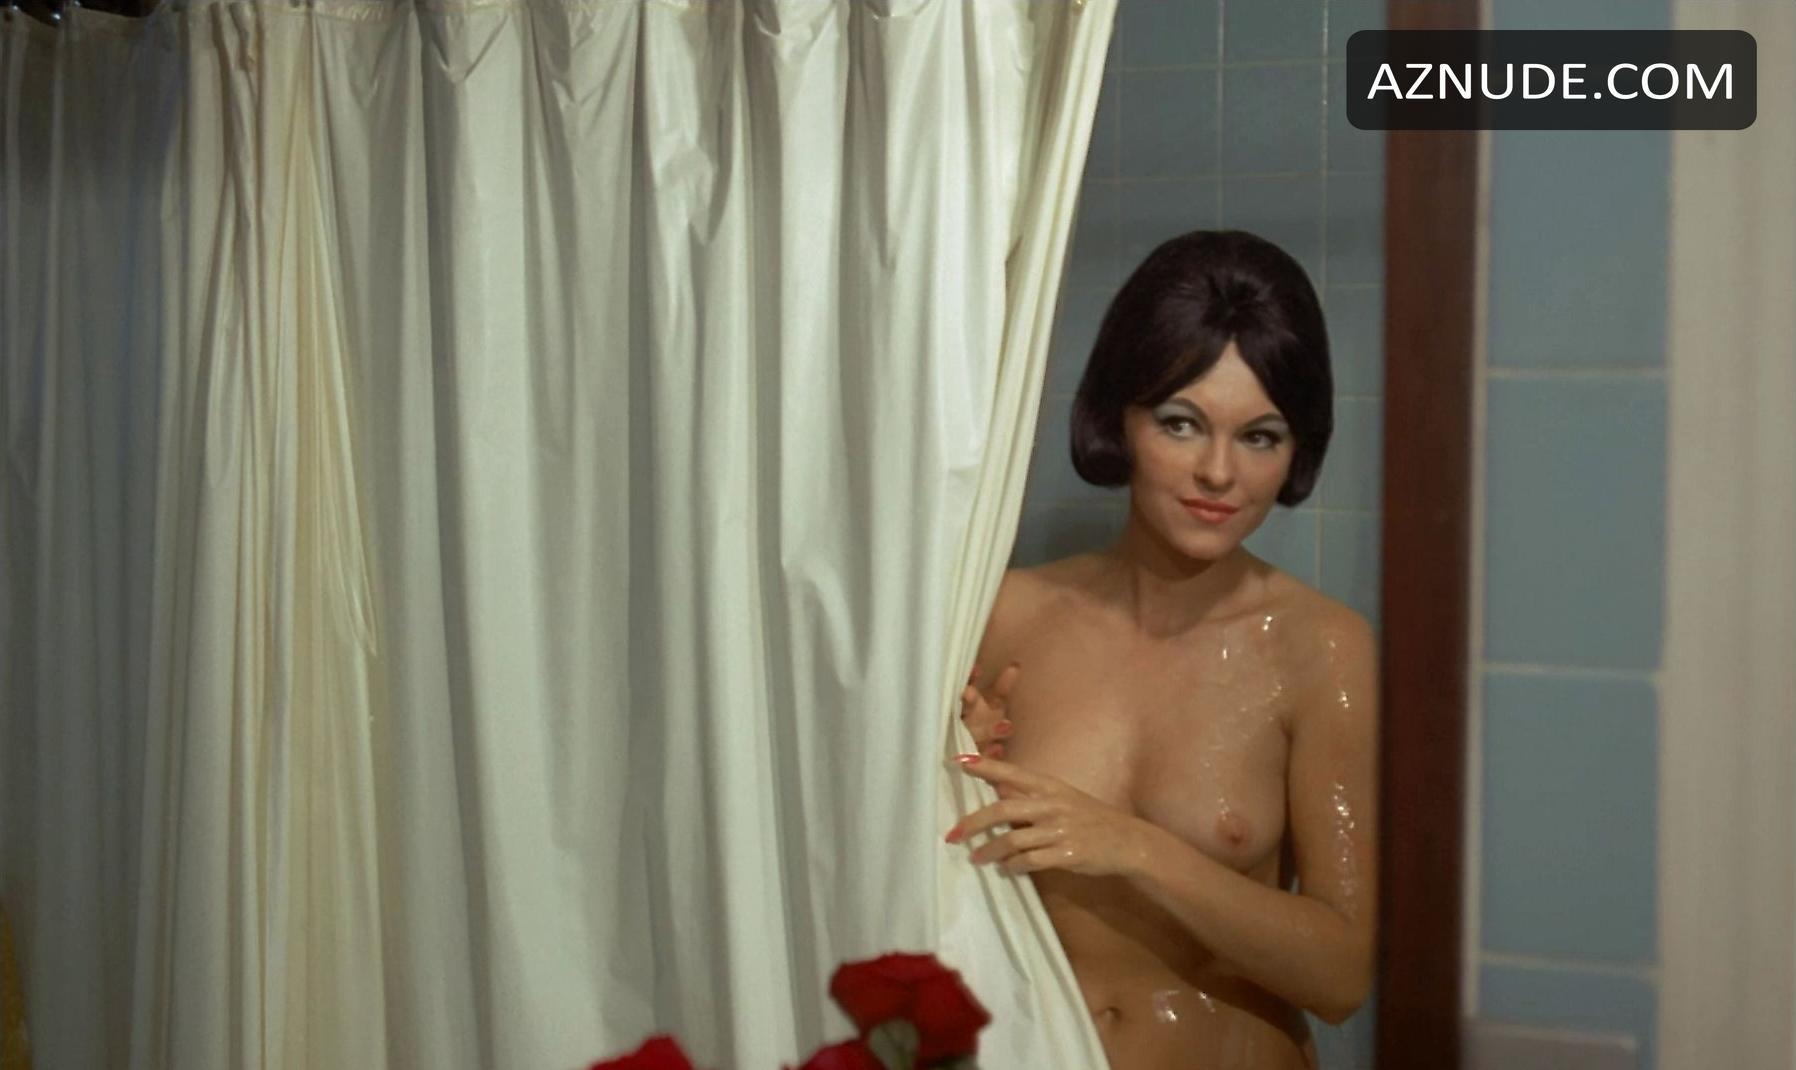 Michelle borth nude scenes hd - 1 4